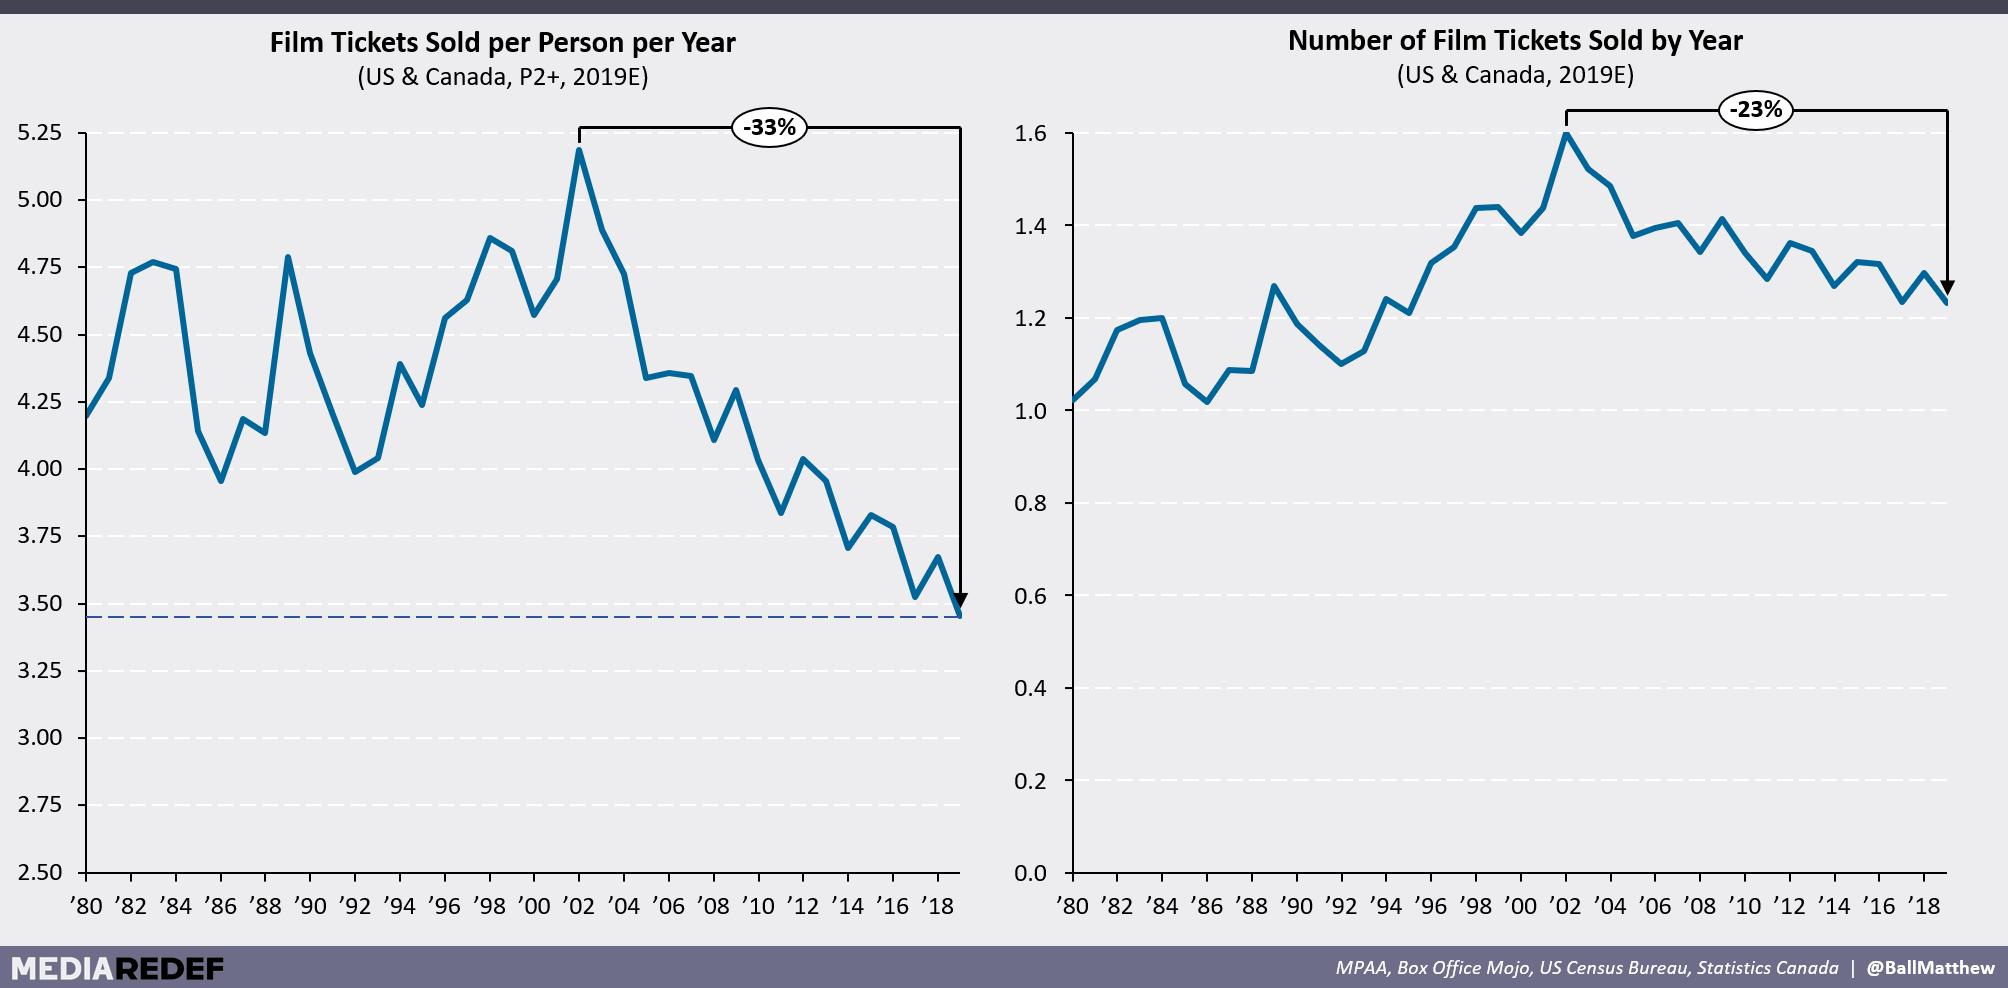 Decline in film ticket sales